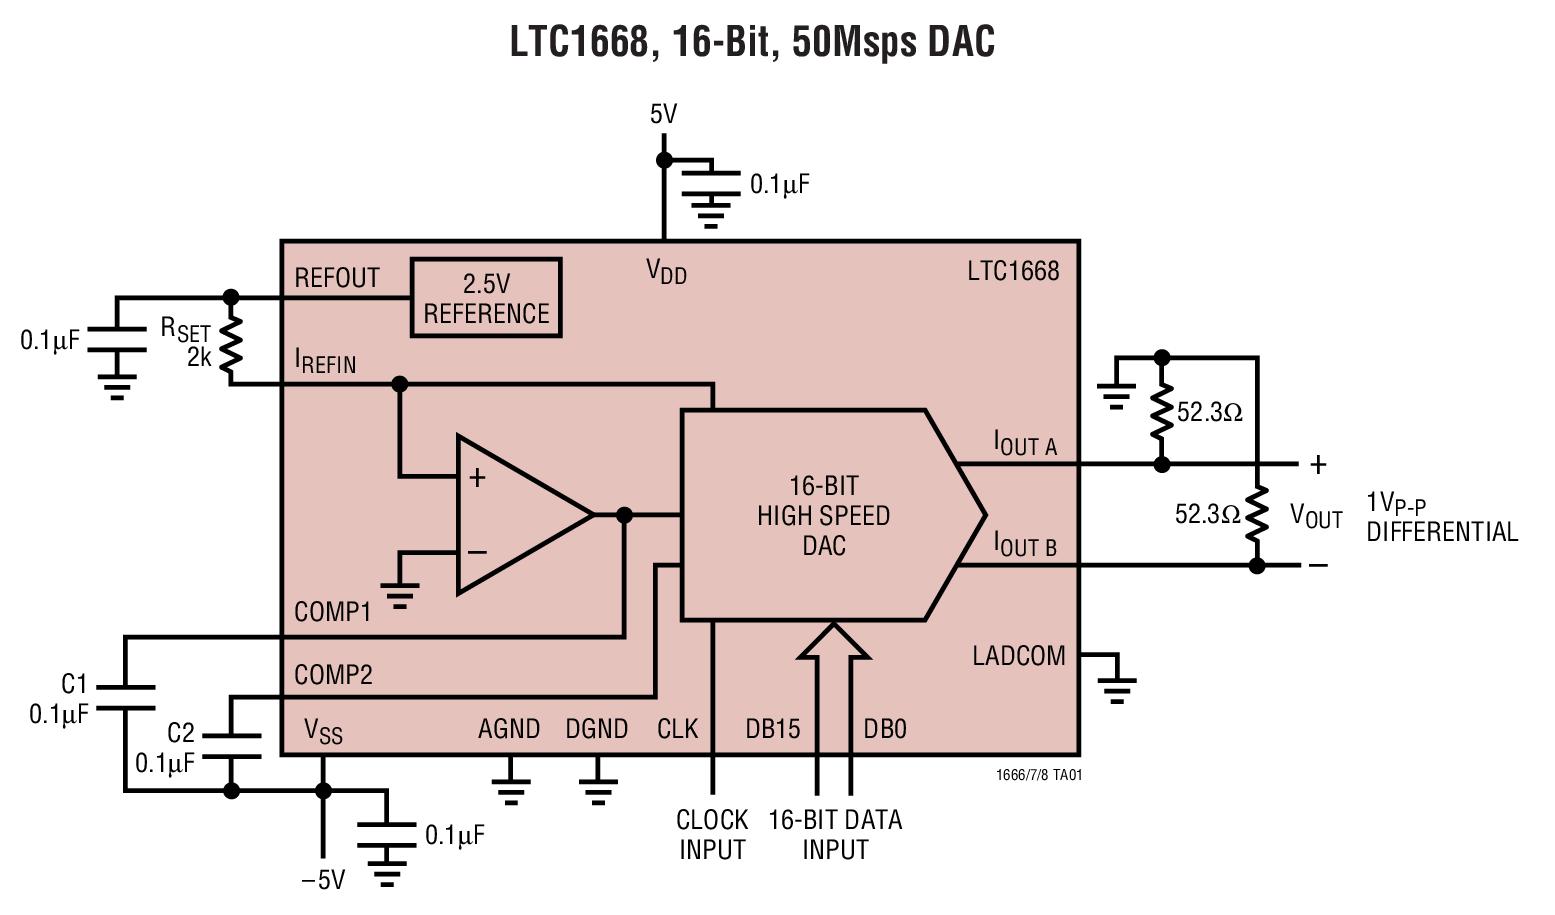 LTC1668